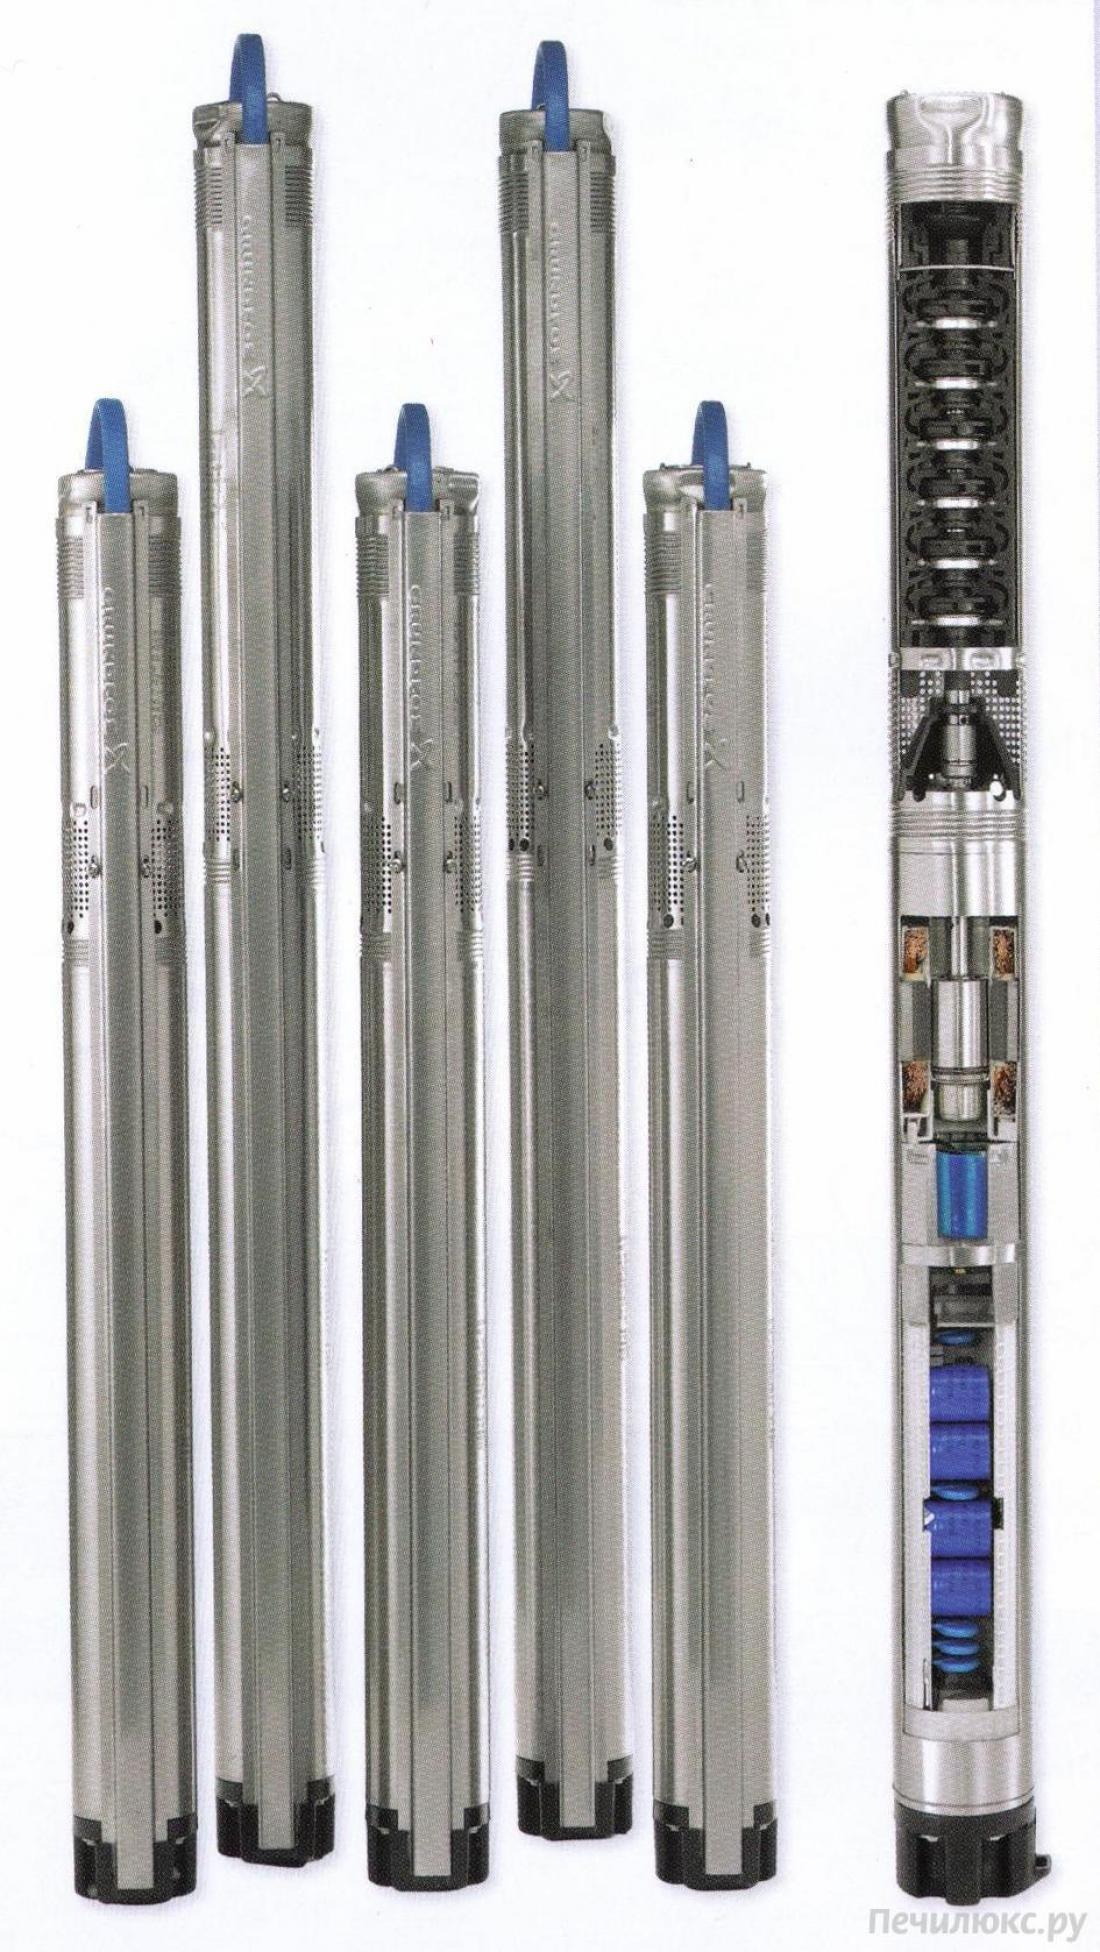 SQ  5- 70     1.85kW 200-240V 50/60Hz